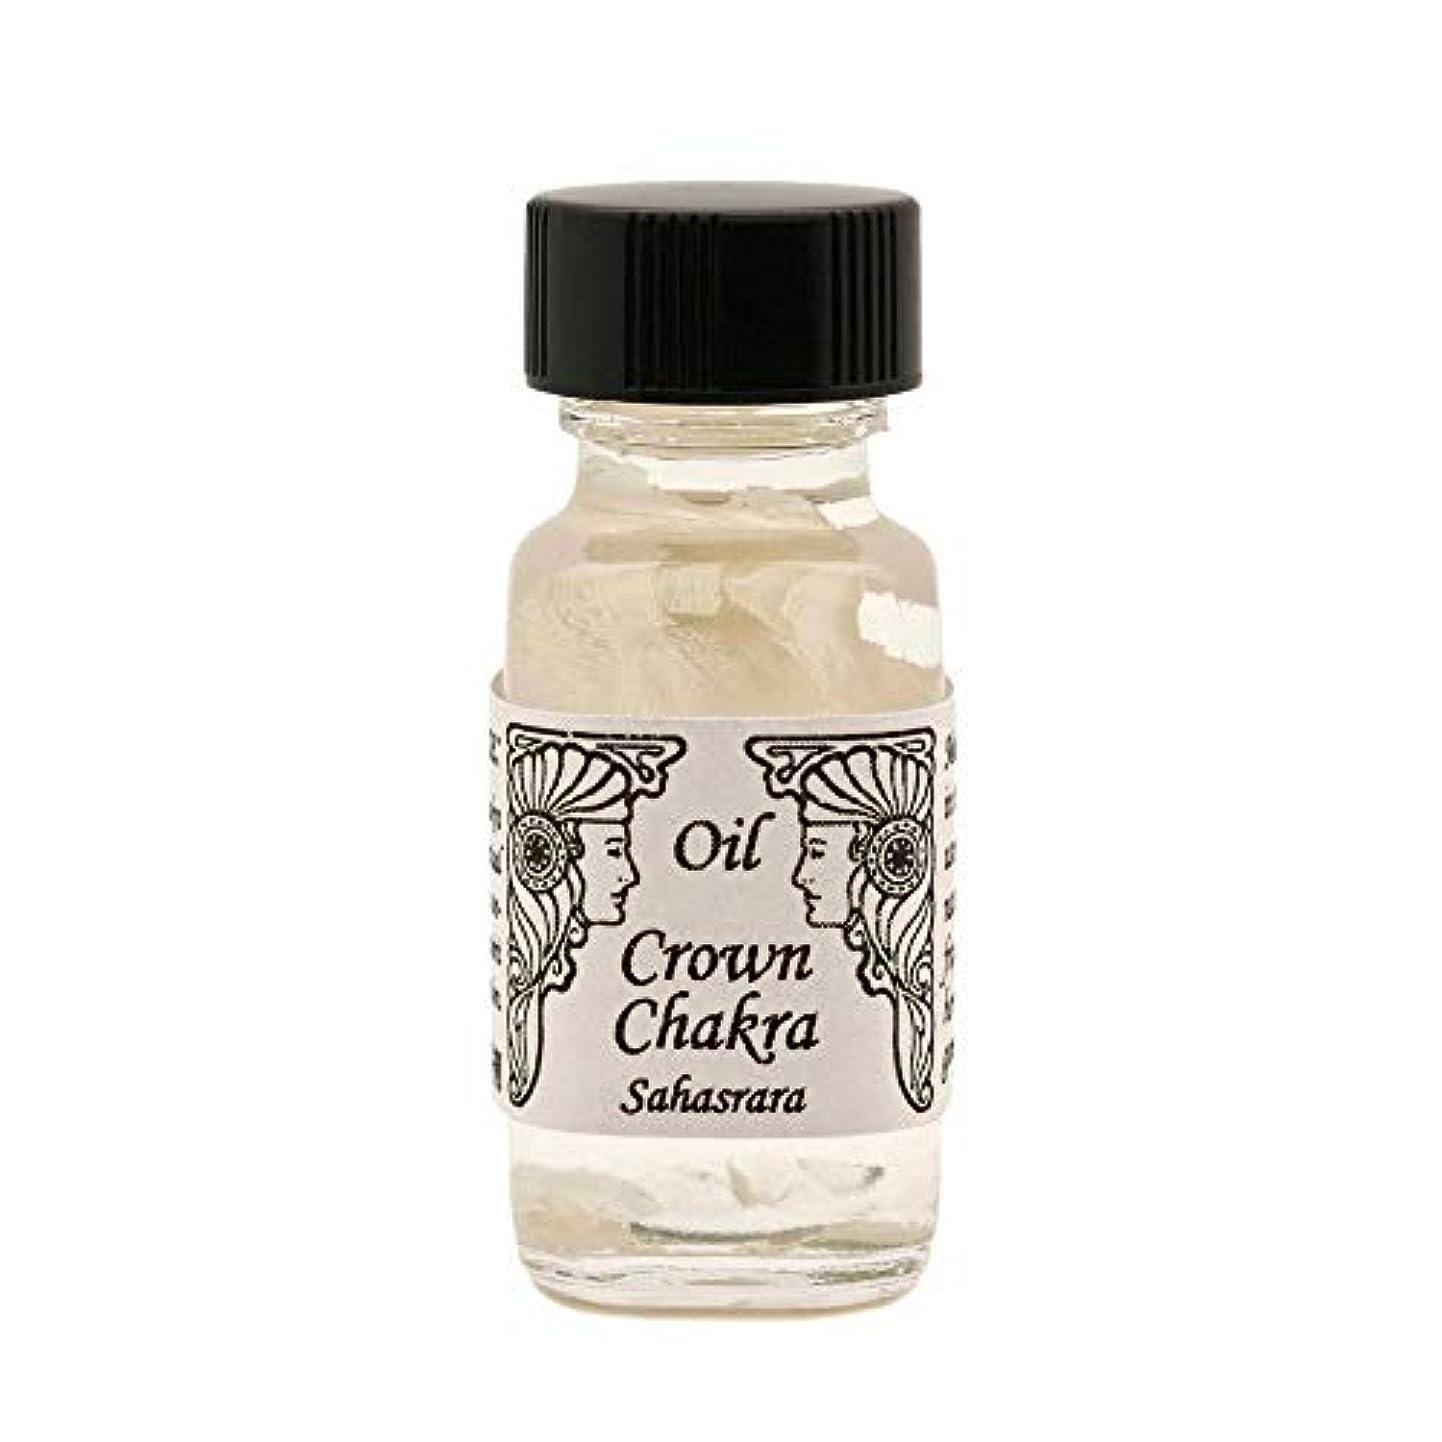 最少職業シンクSEDONA Ancient Memory Oils セドナ アンシェントメモリーオイル Crown Chakra クラウン チャクラ 15ml